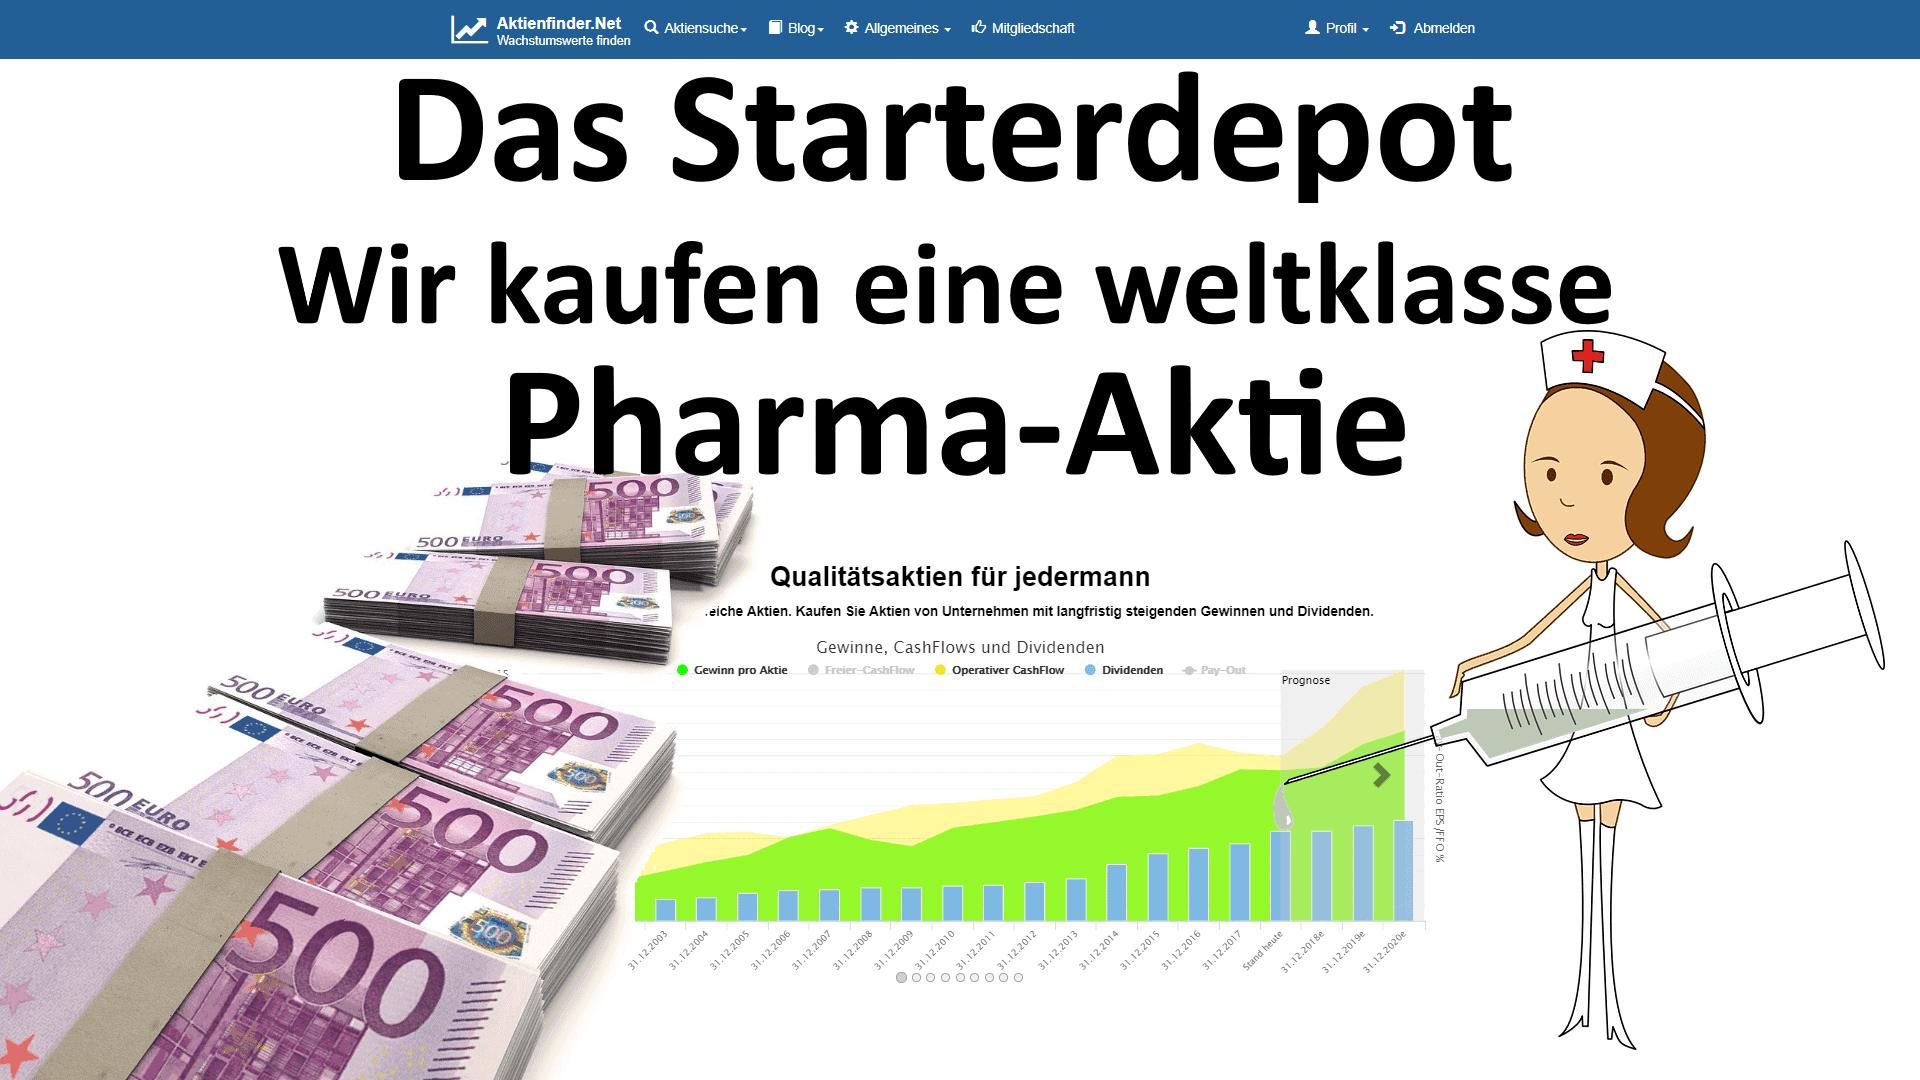 Wir kaufen eine weltklasse Pharma-Aktie